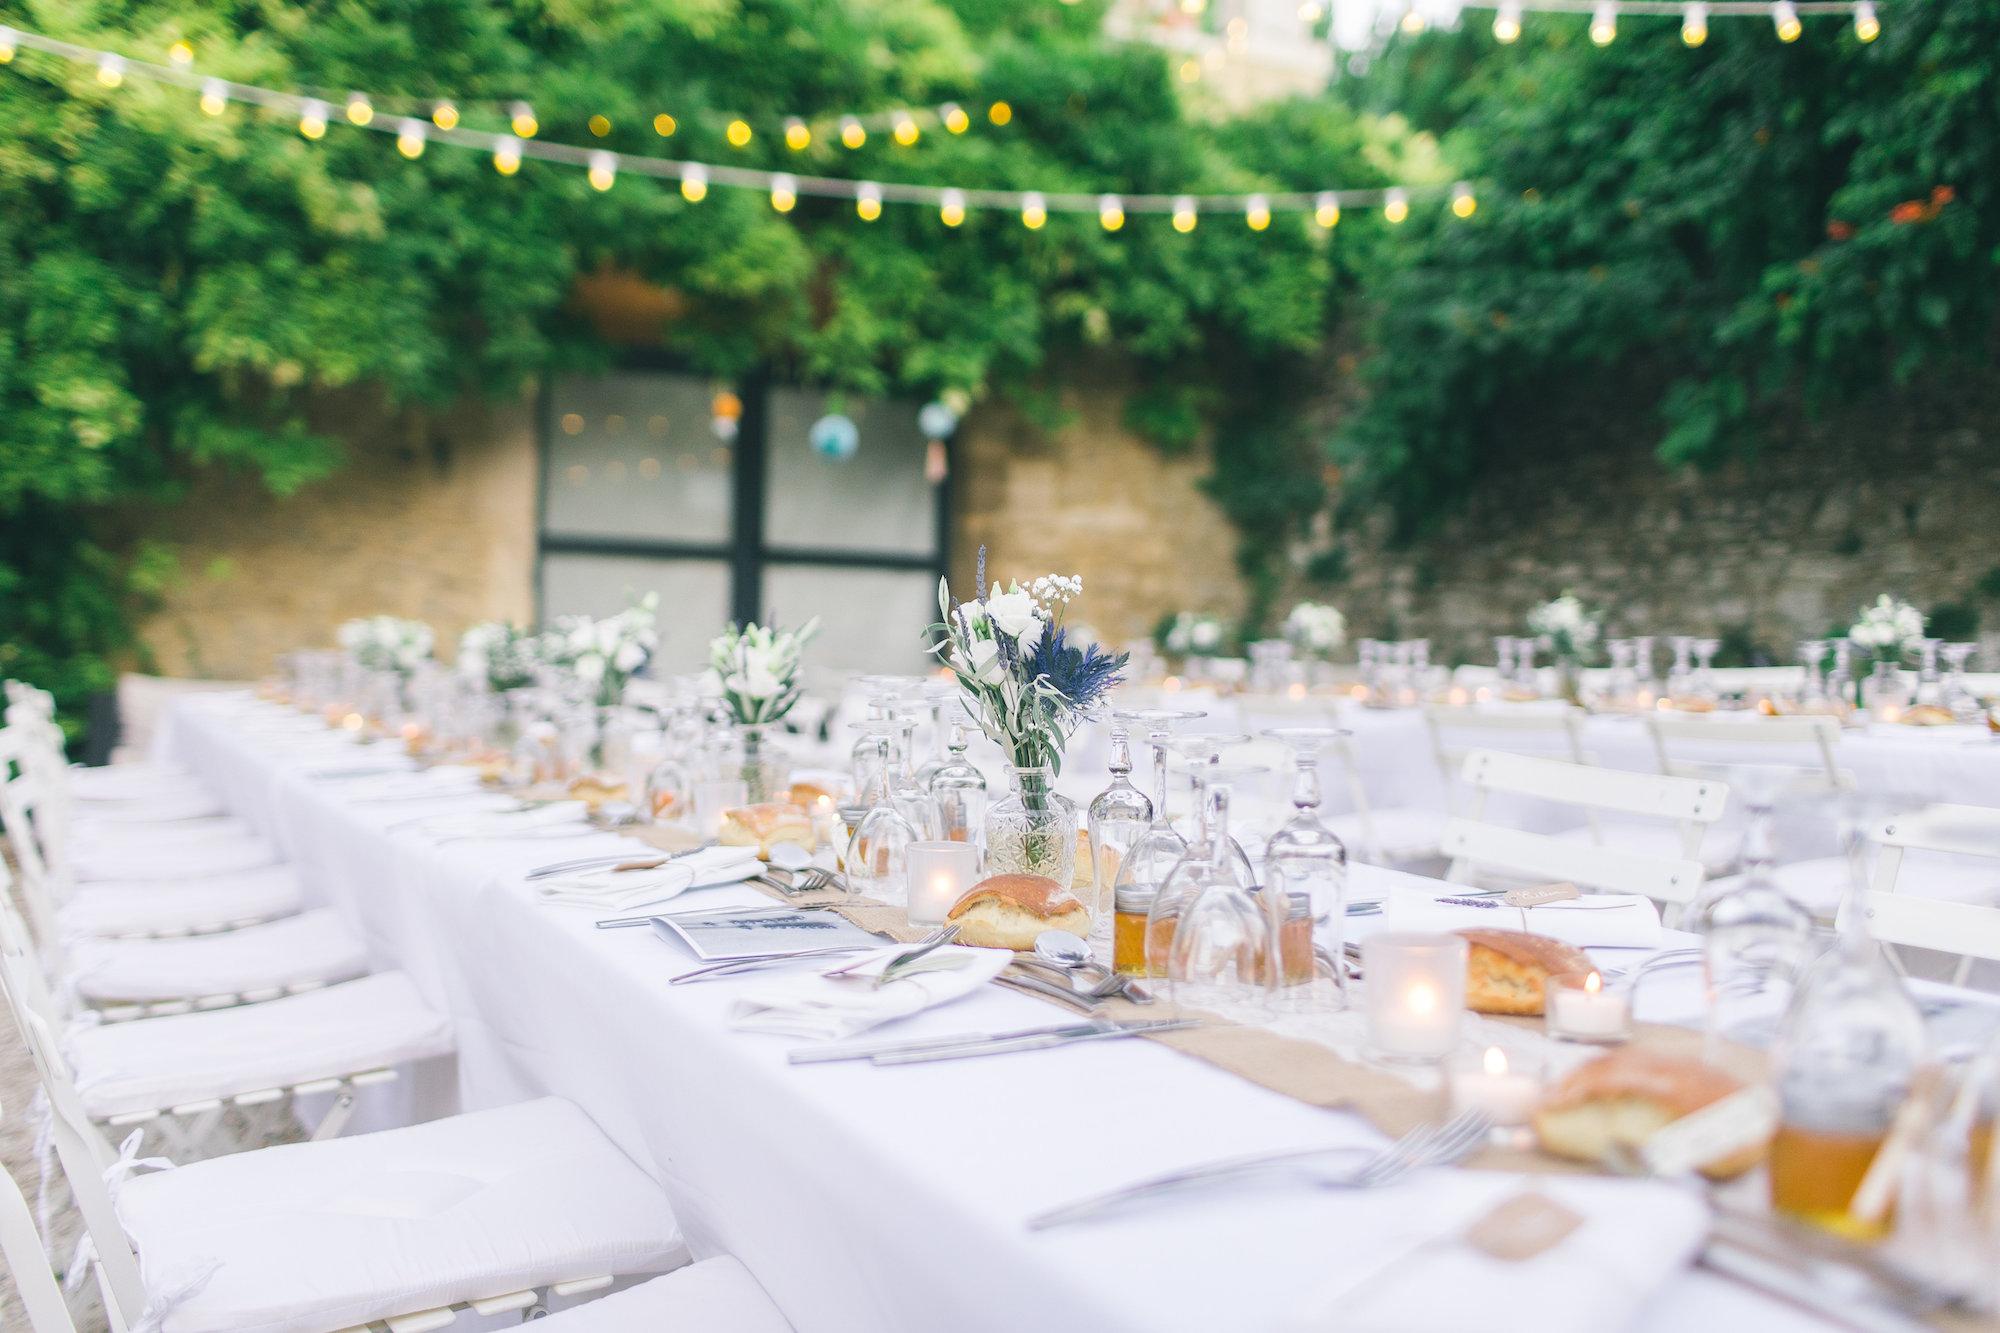 le coeur dans les etoiles - wedding planner - gard - provence - mariage provence - L&C - sebastien cabanes - vue ensemble